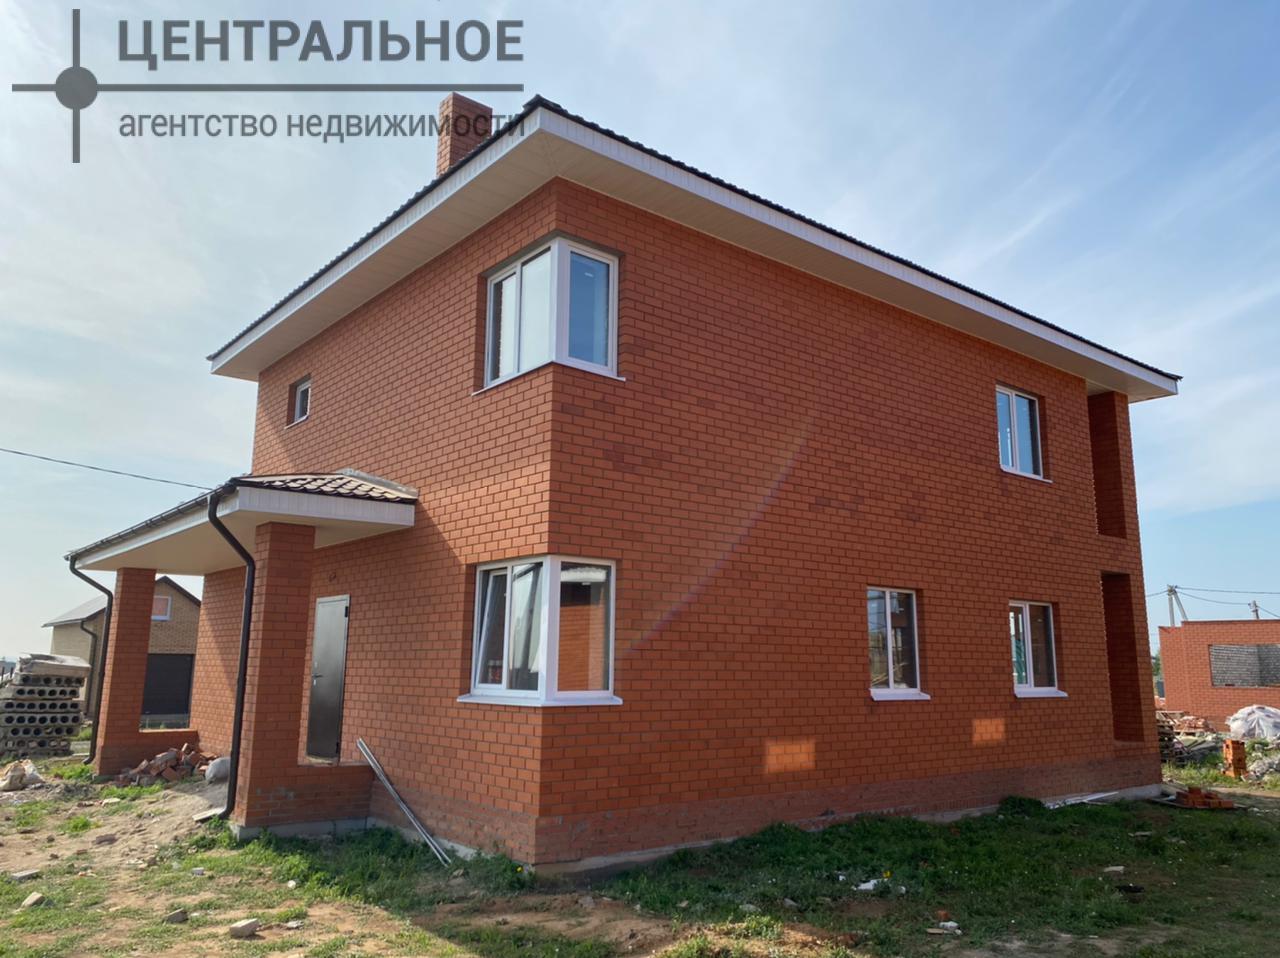 Продается дом 170 кв.м., участок 6 сот.